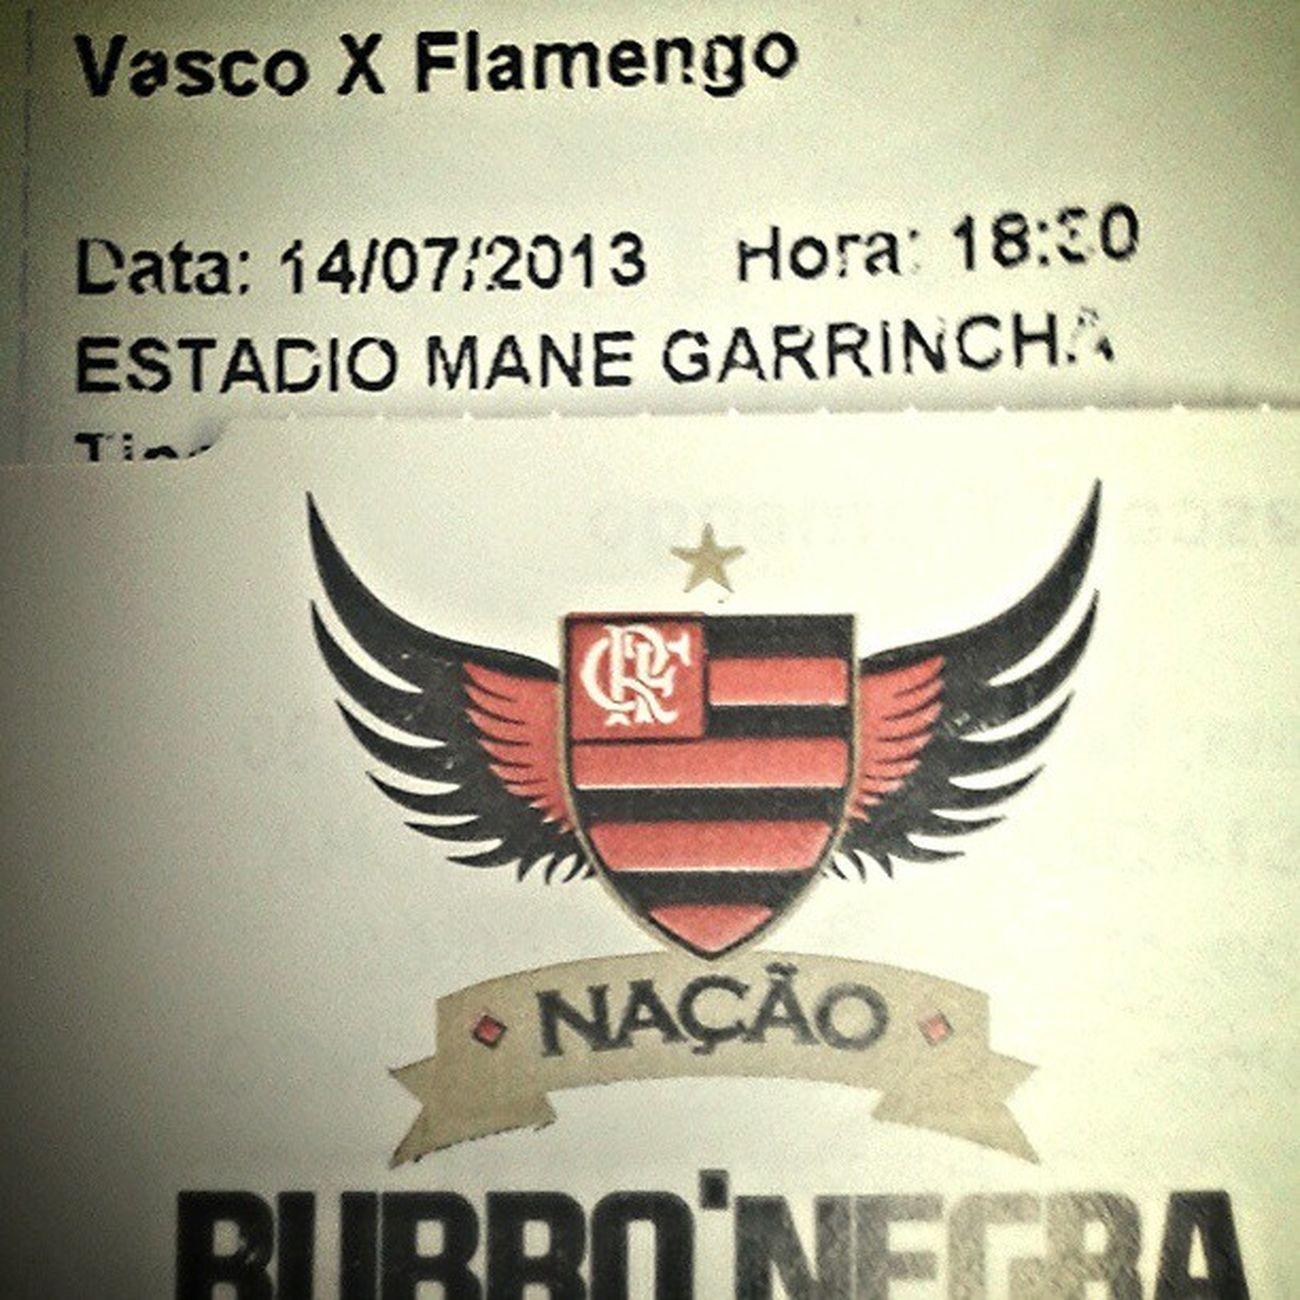 Preparado para o clássico... Mengao Flamengoatemorrer Flamengo Brasília